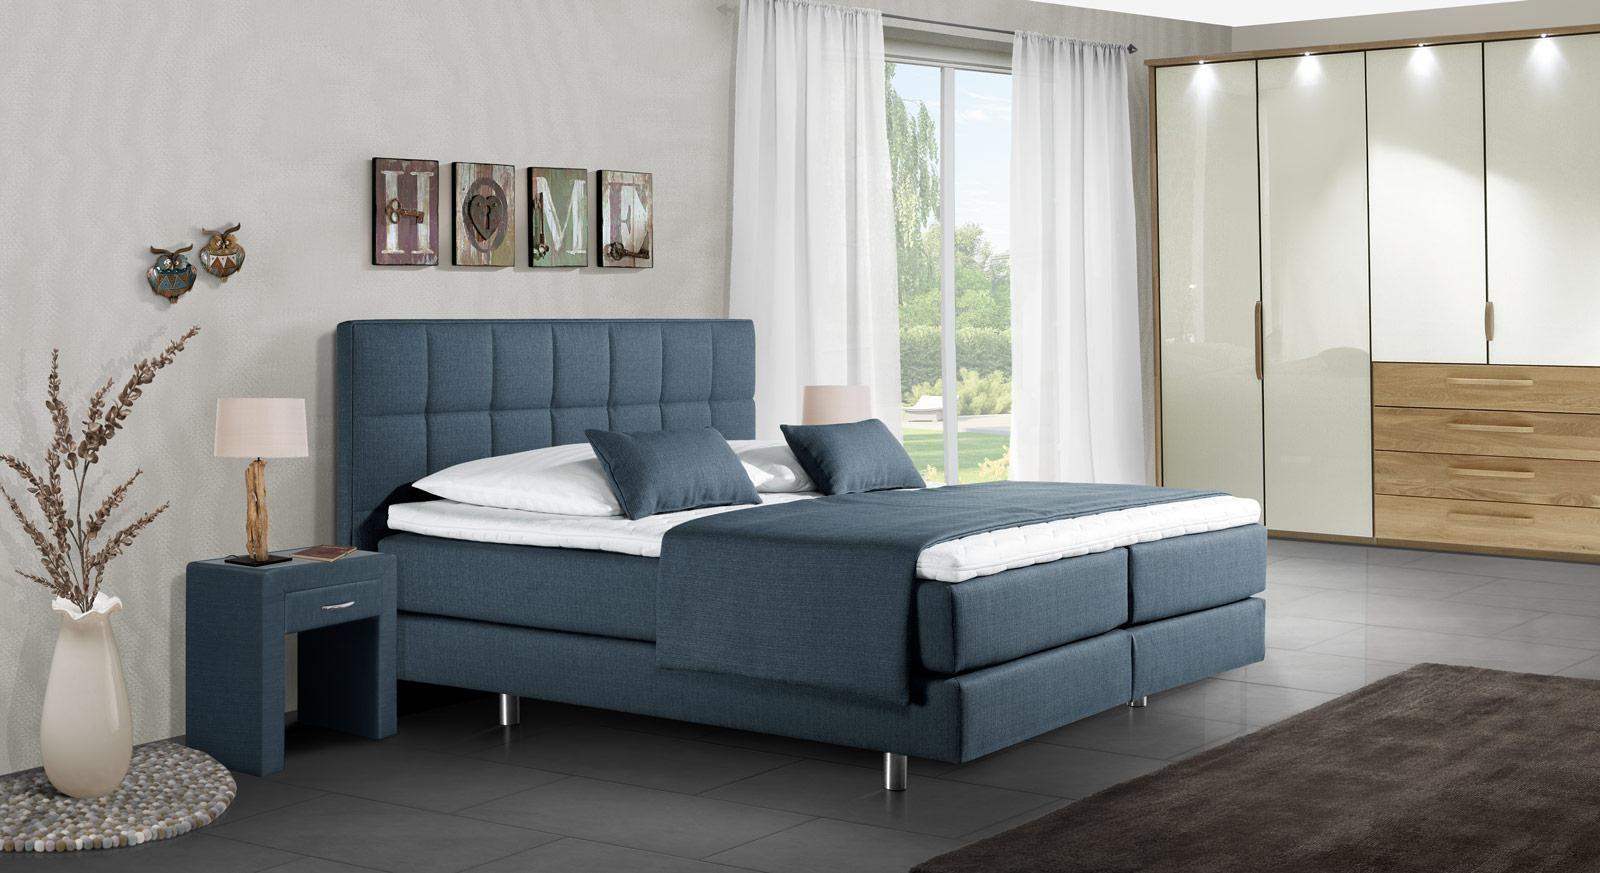 Schlafzimmer Mit Boxspringbett Das Schlafzimmer Bett